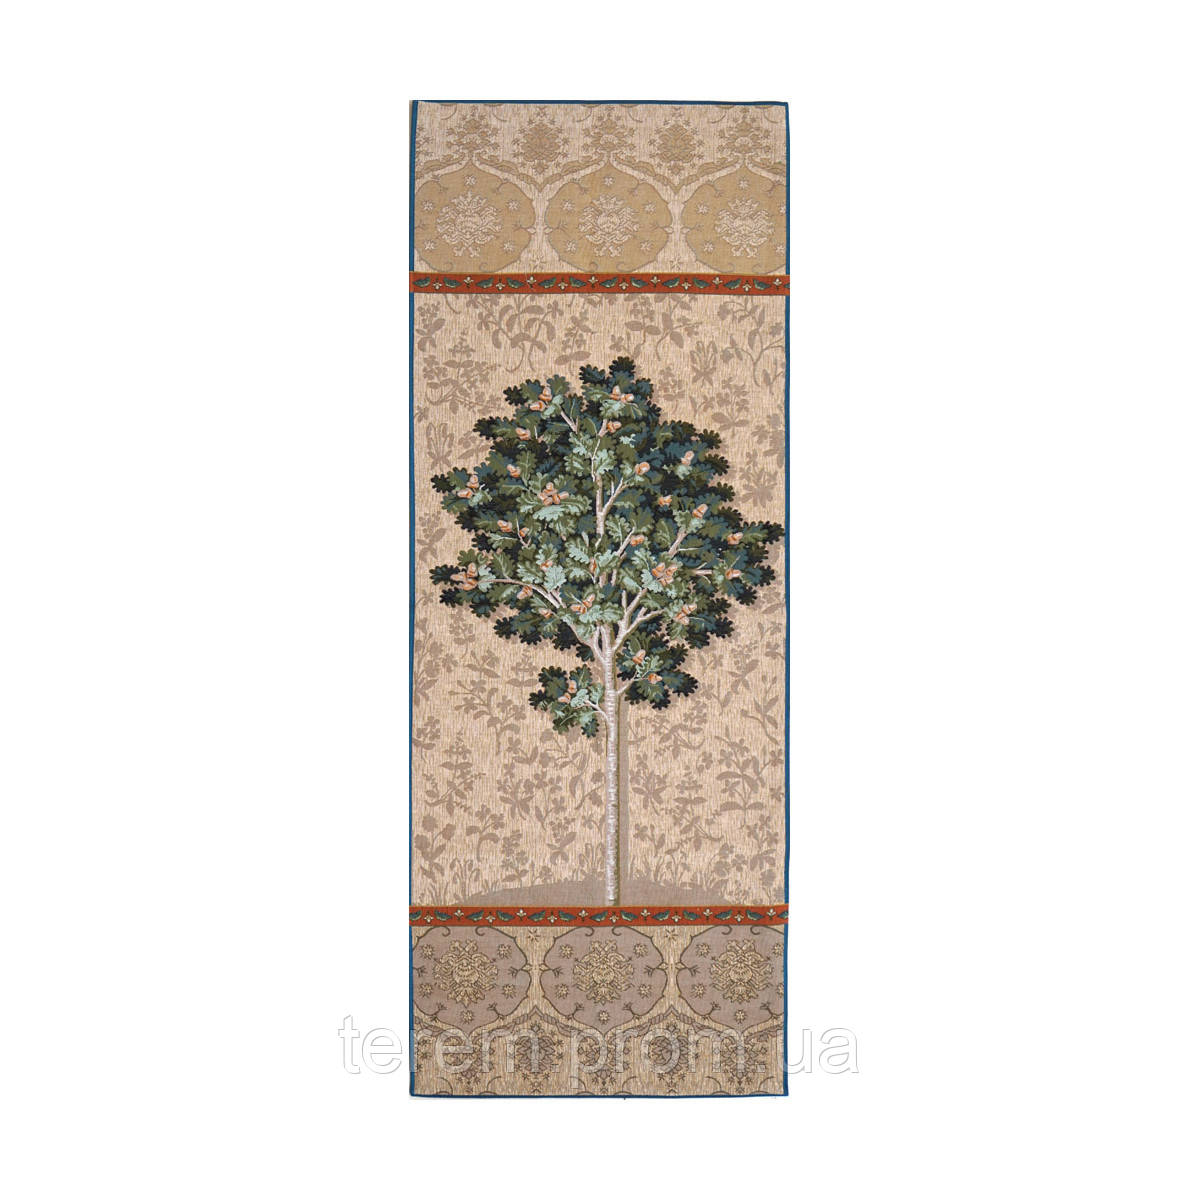 Гобеленовая картина Art de lys natural oak 187x75 8450 без подкладки